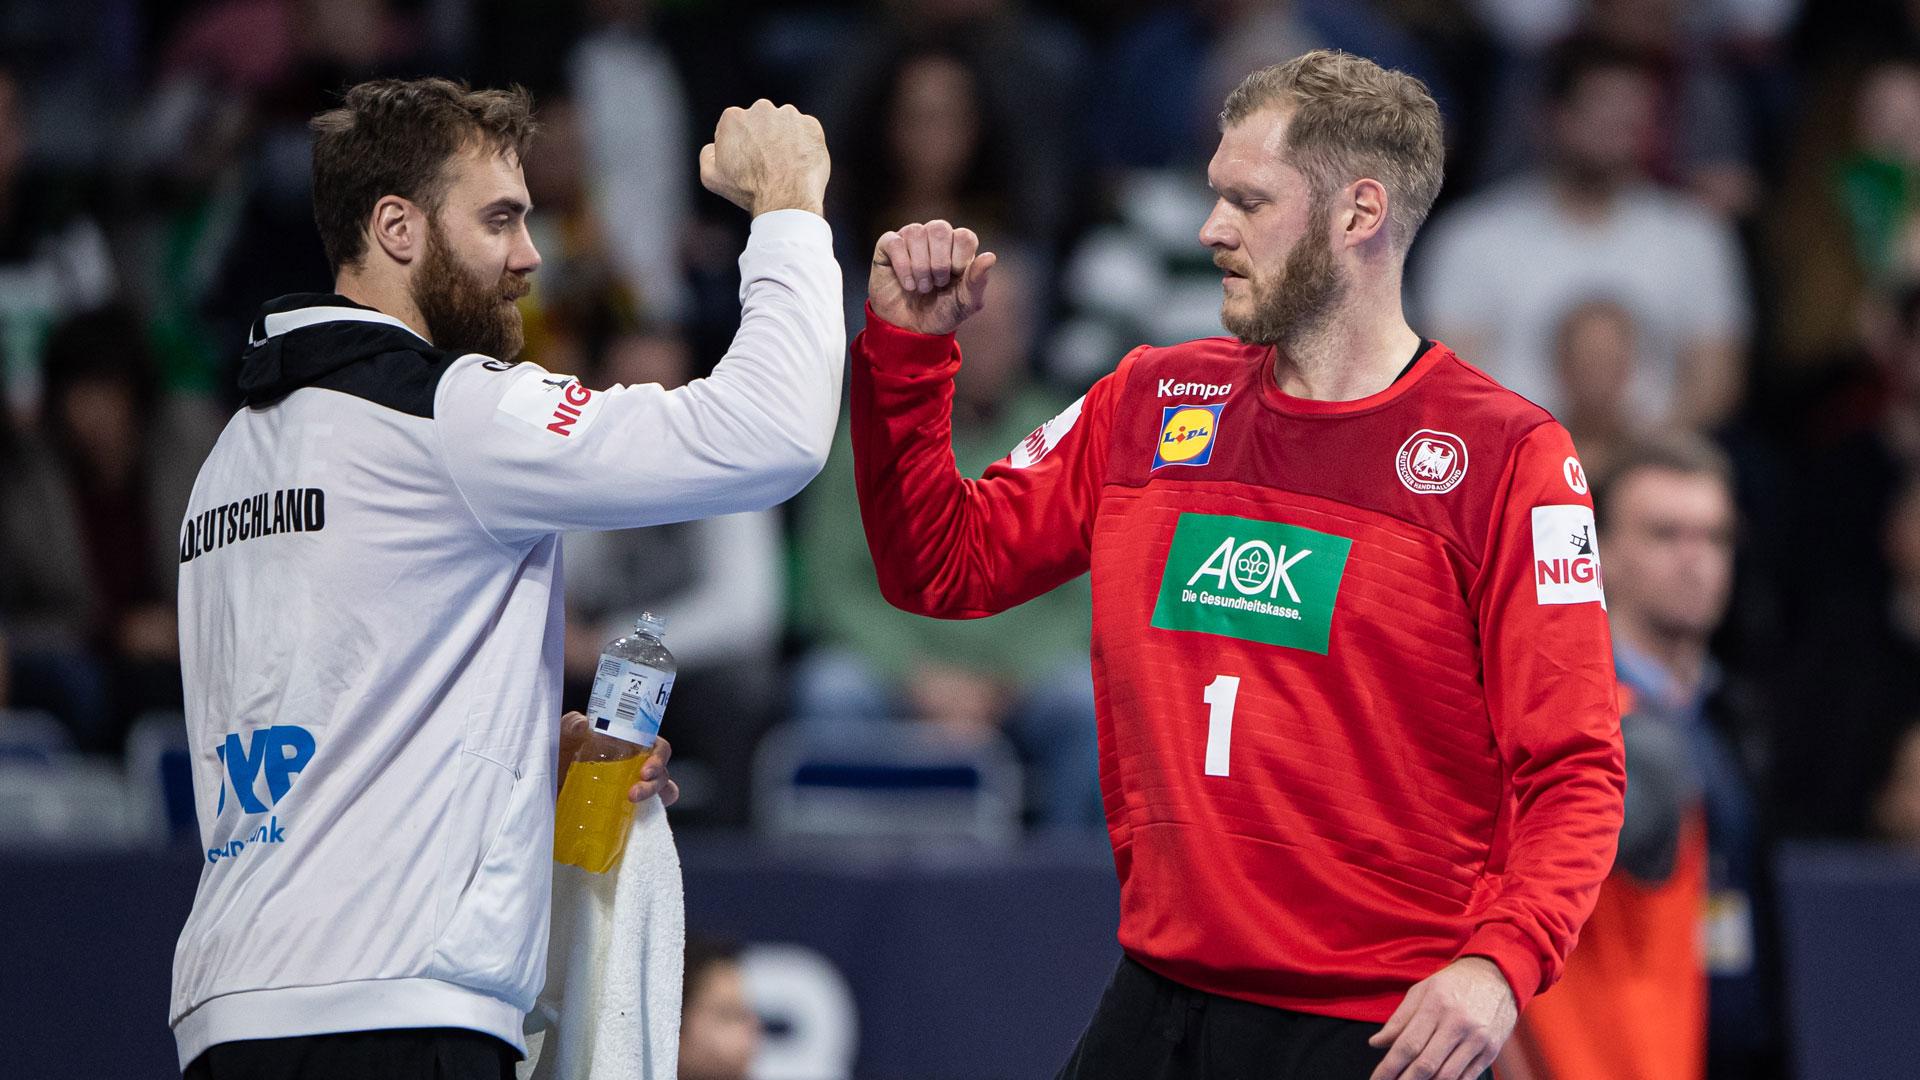 Ard Livestream Handball